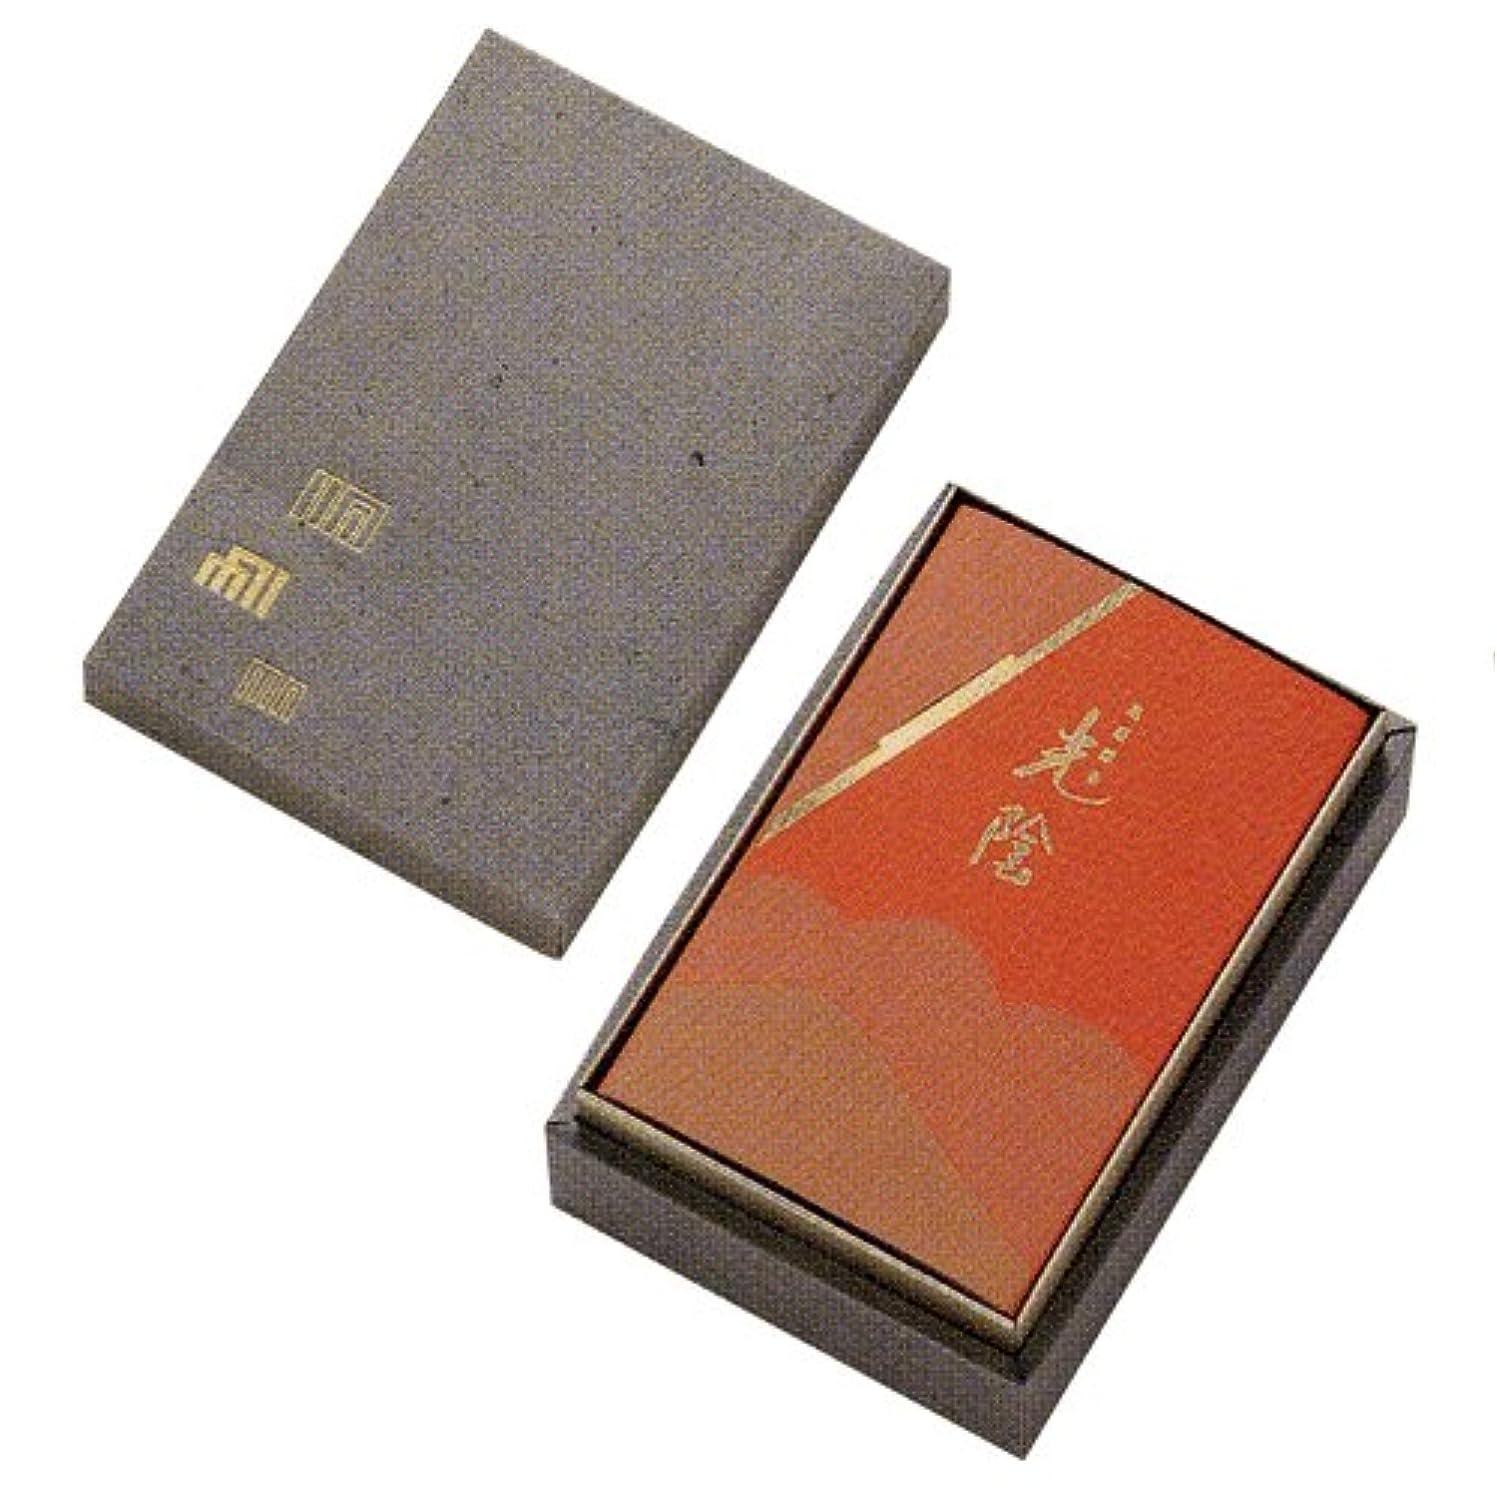 永久に低い重要な役割を果たす、中心的な手段となる玉初堂 光陰 進物用 手文庫 和装紙箱入